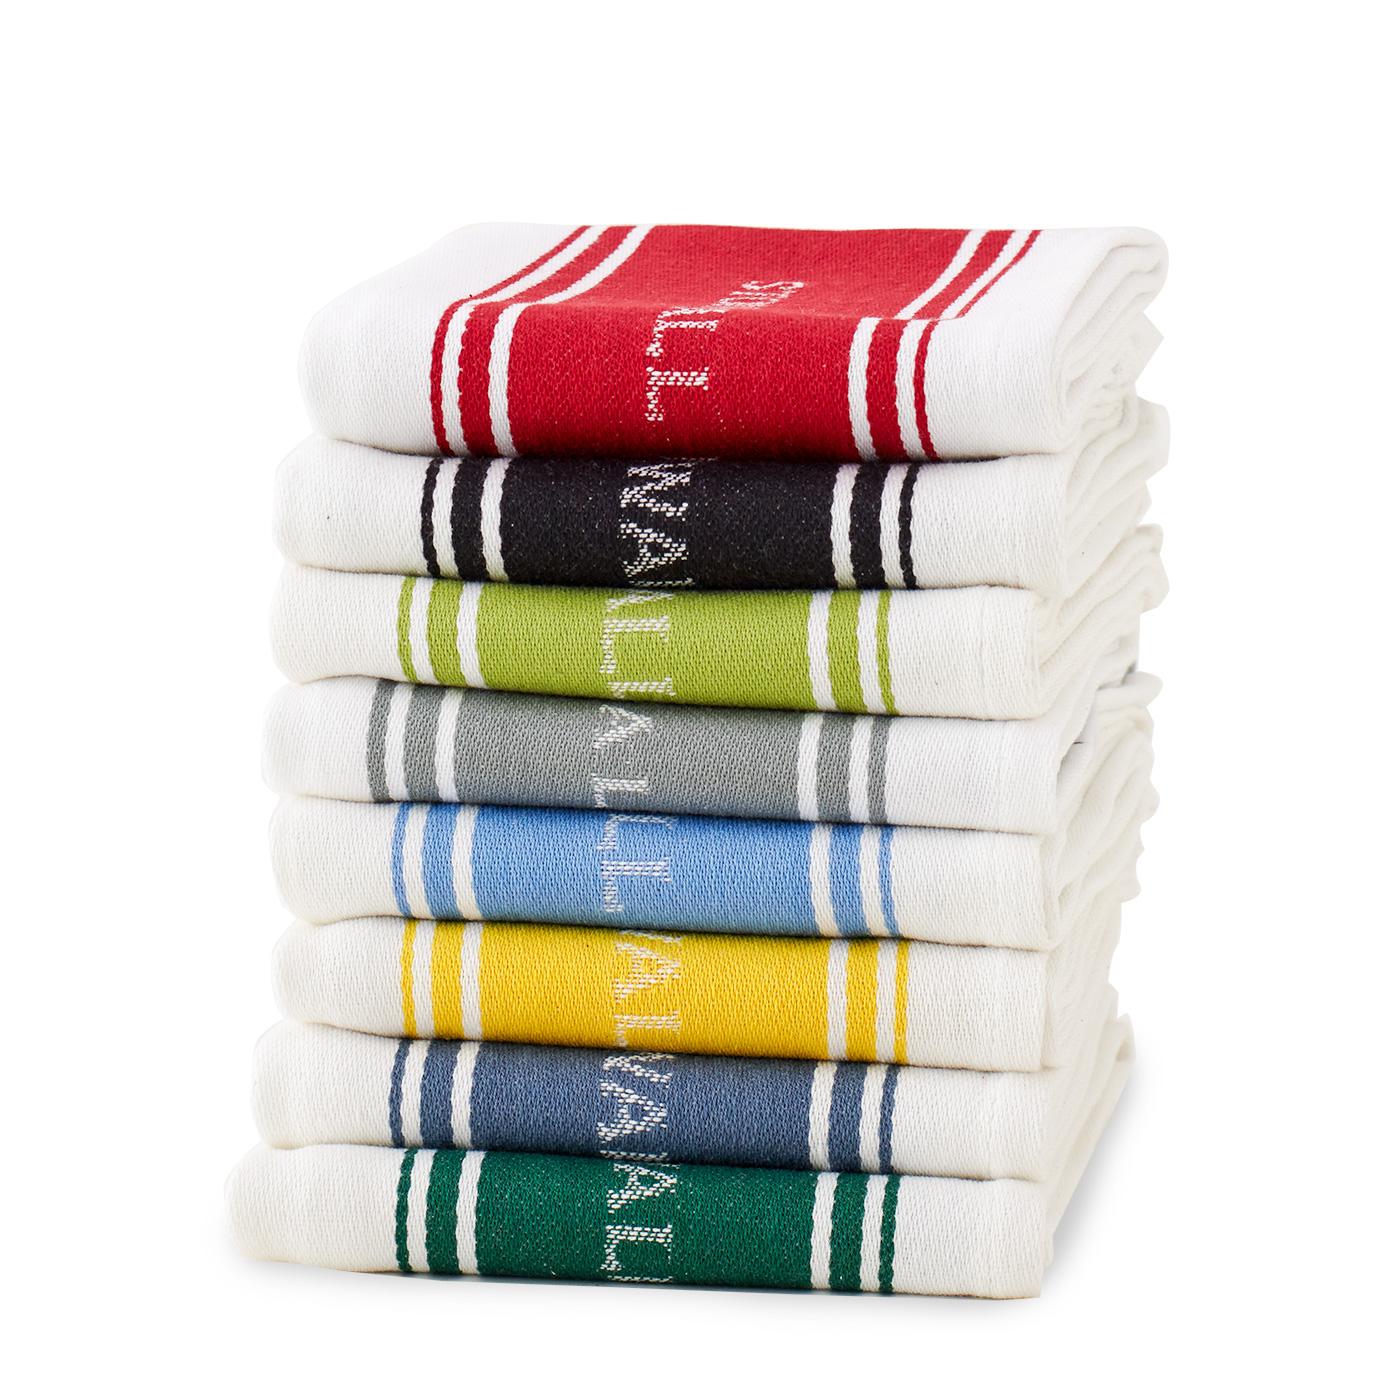 Cotton Dish Towels: Cotton Kitchen Towels